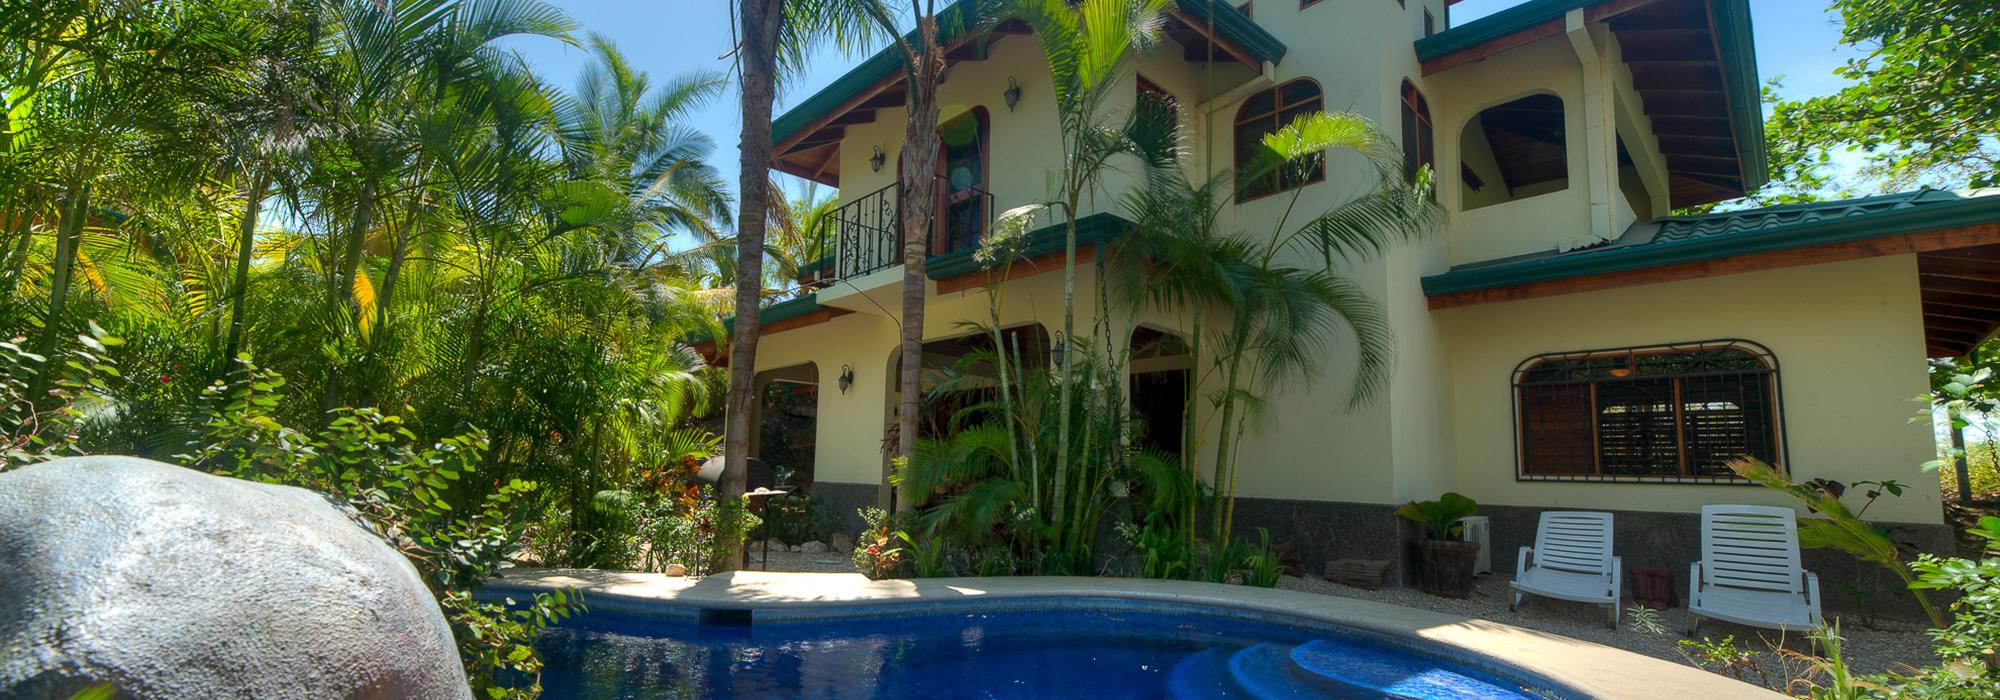 Casa Madera Mar